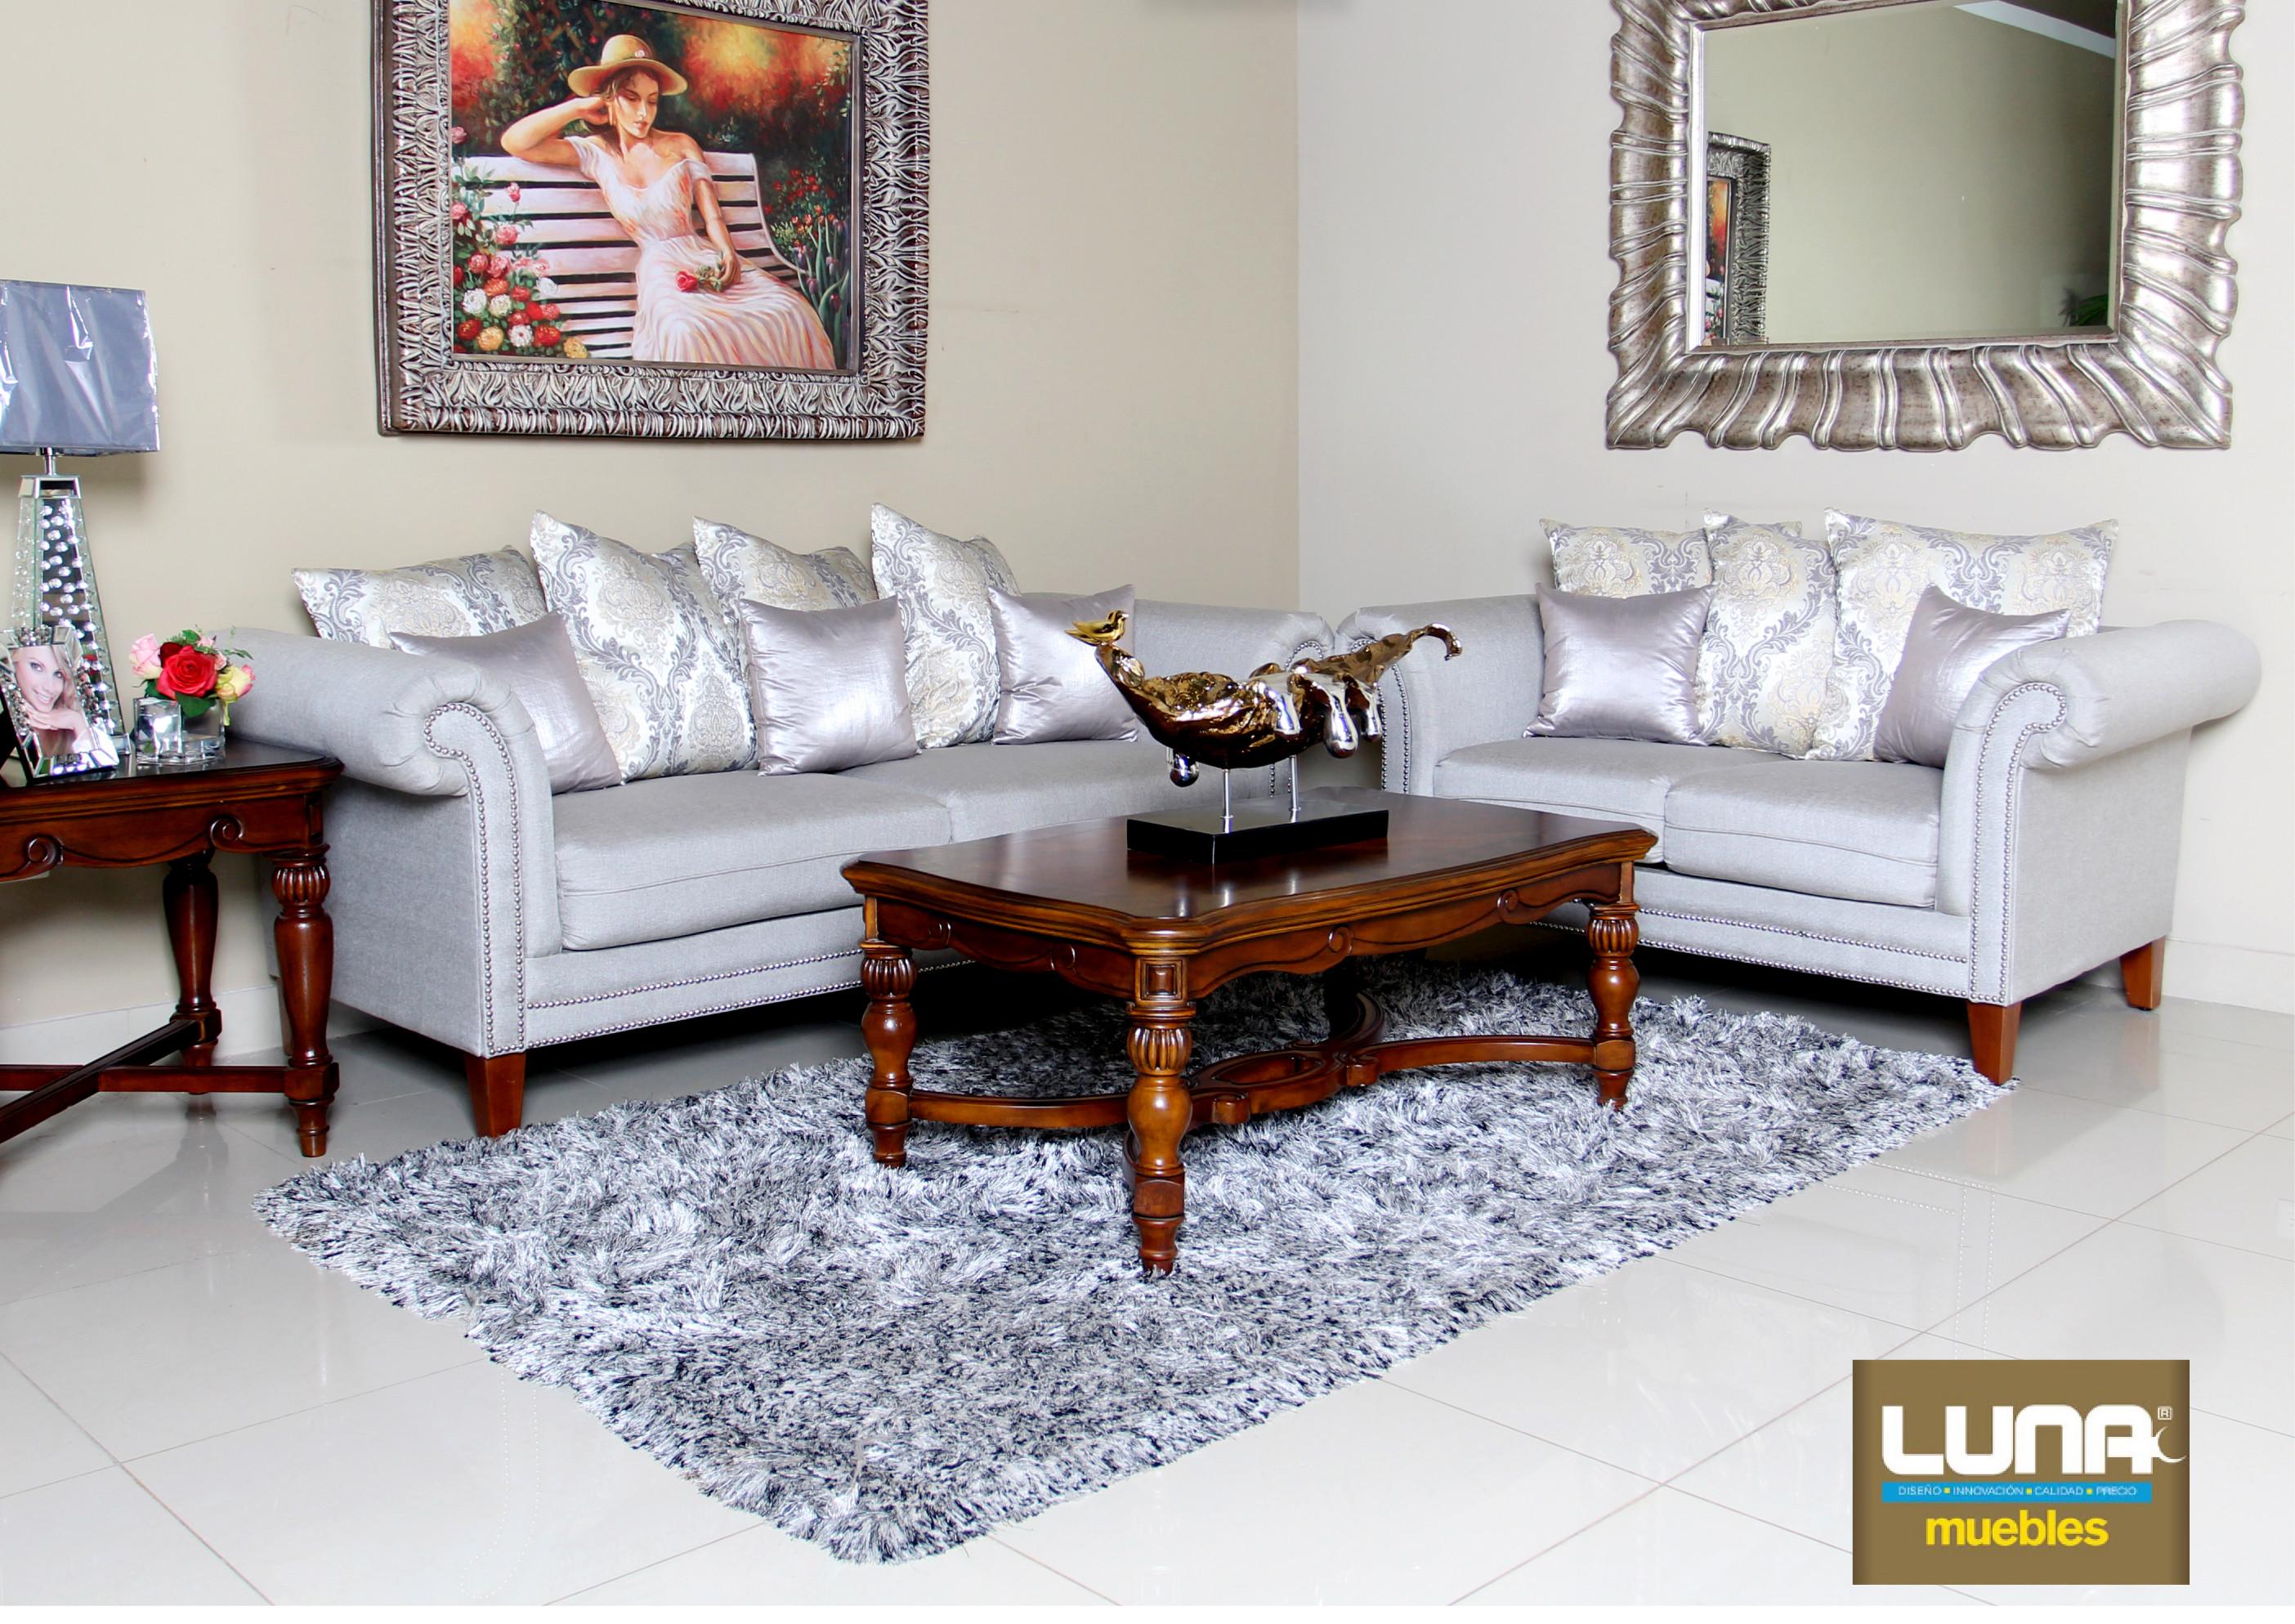 Luna Muebles Muebles Para El Hogar Salas # Muebles Luna Guaymas